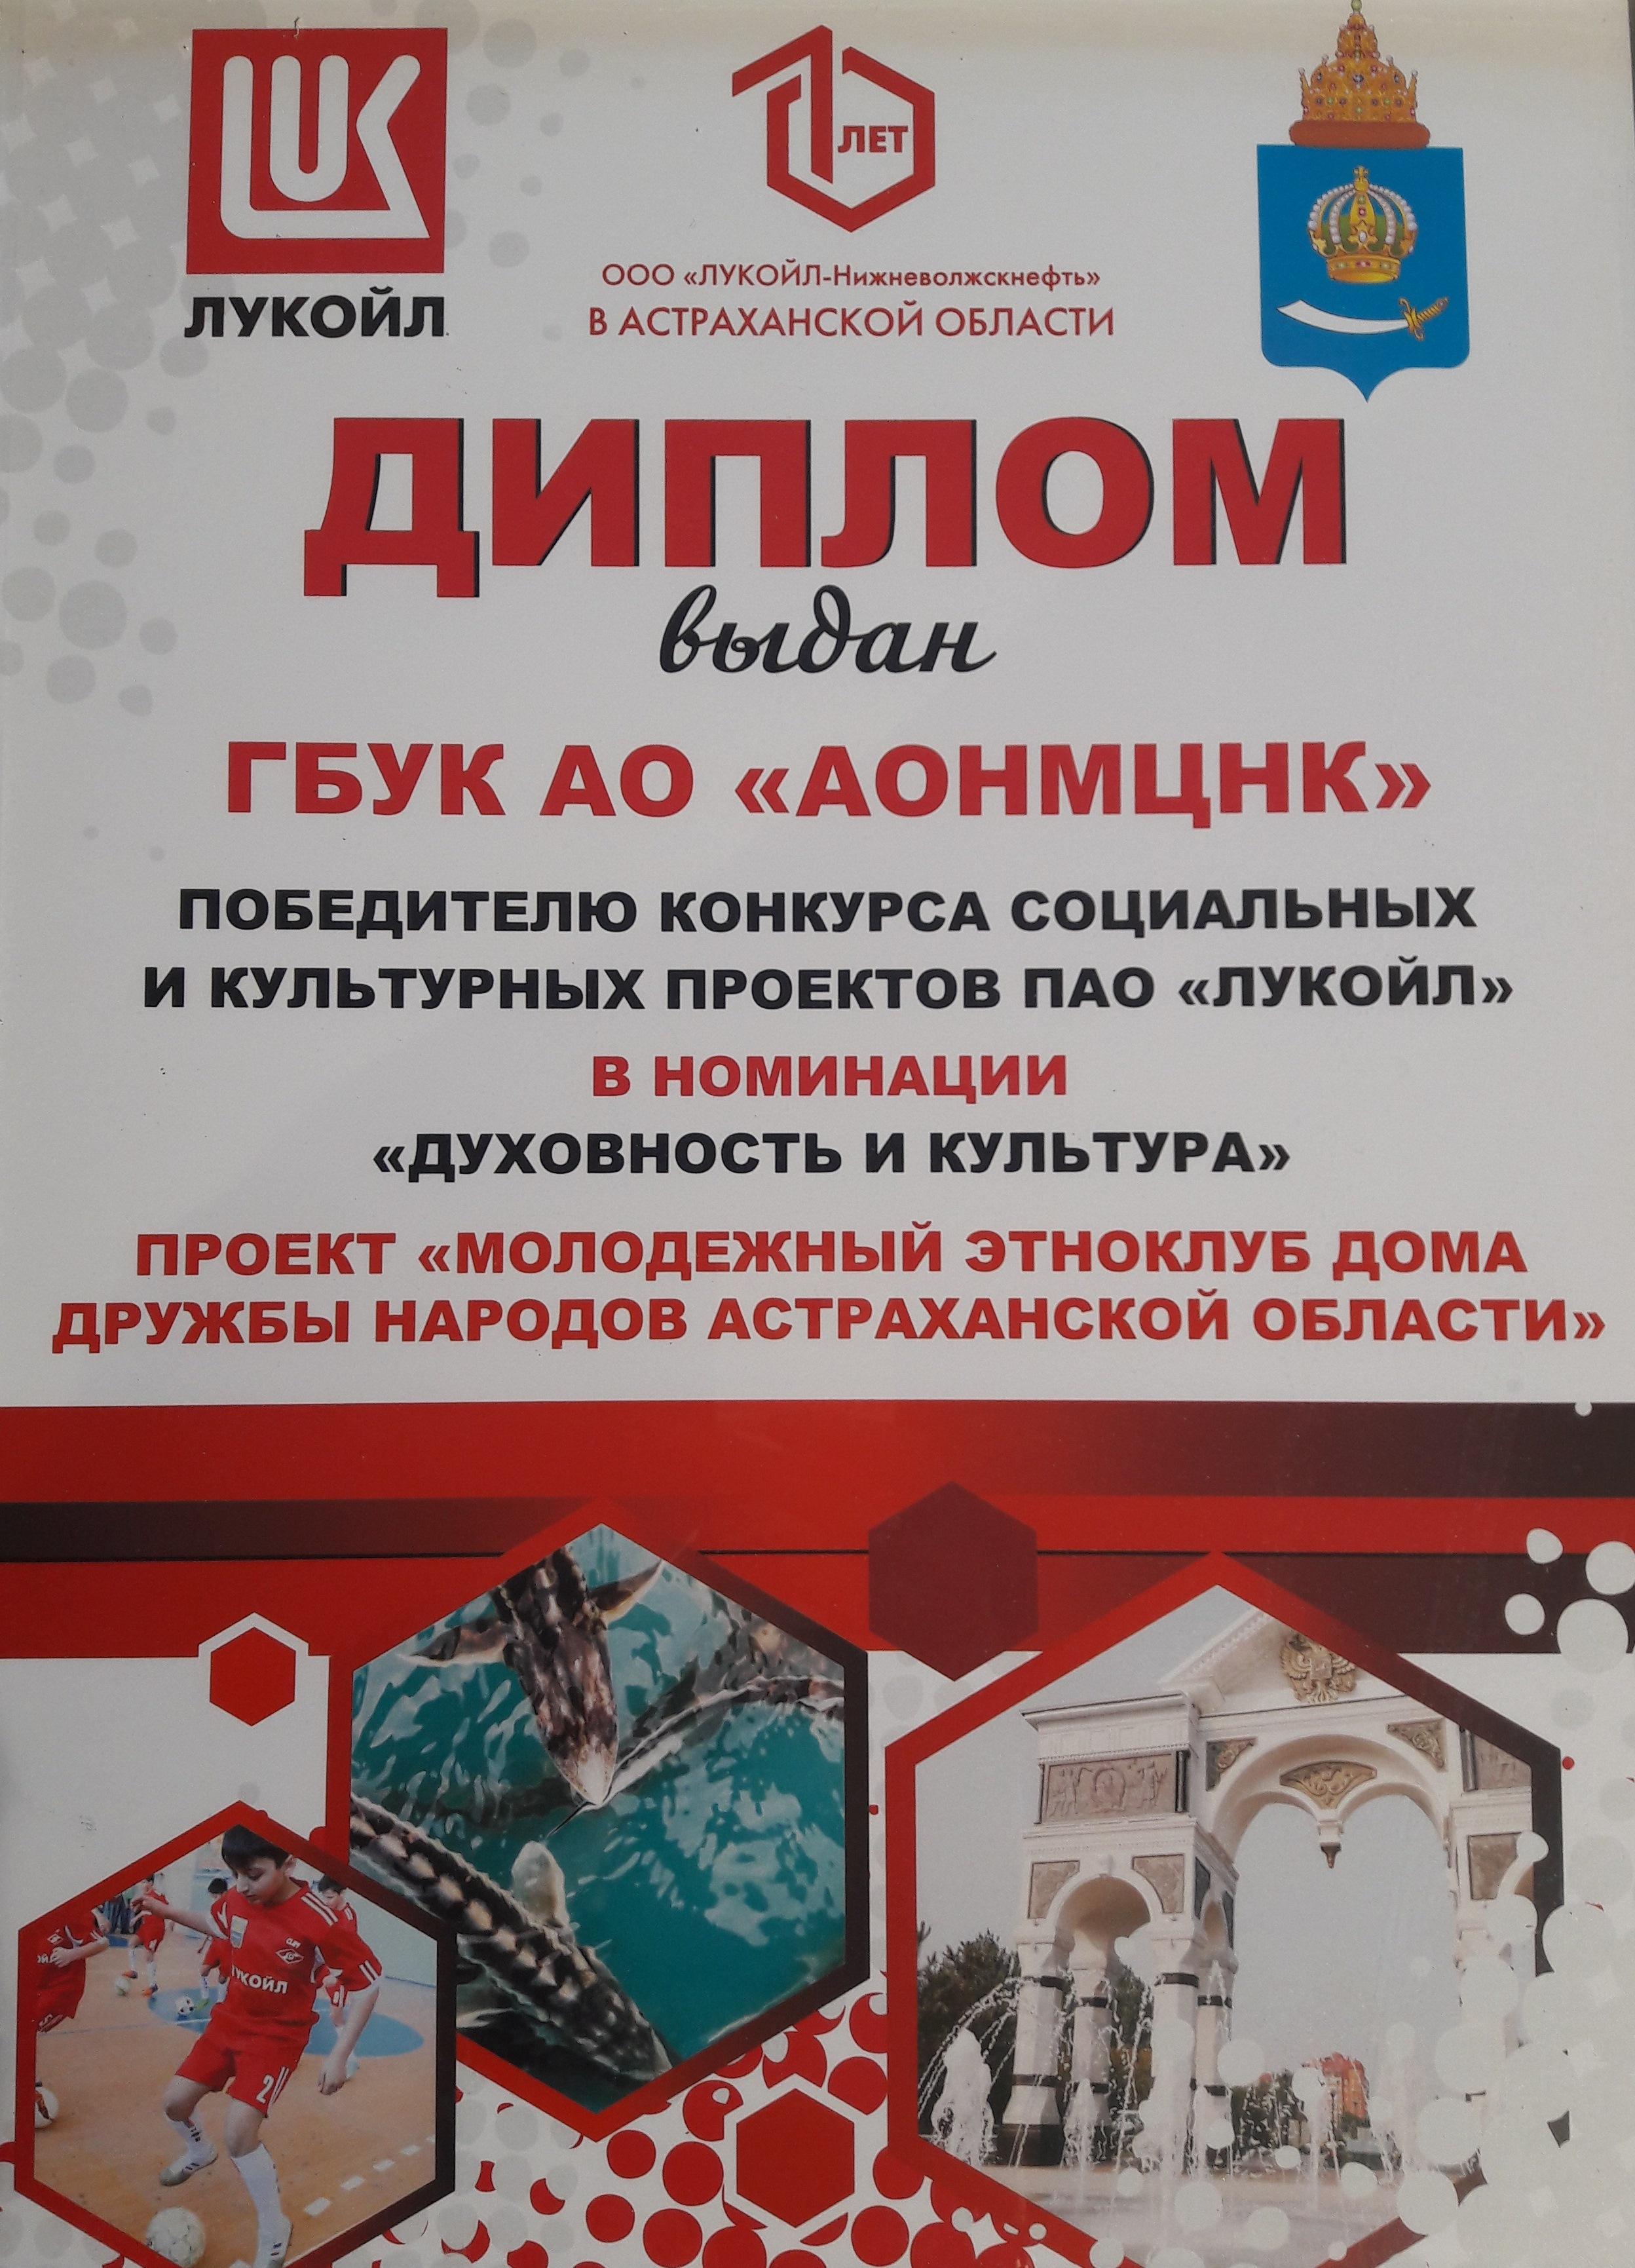 Центр народной культуры стал победителем конкурса социальных и культурных проектов